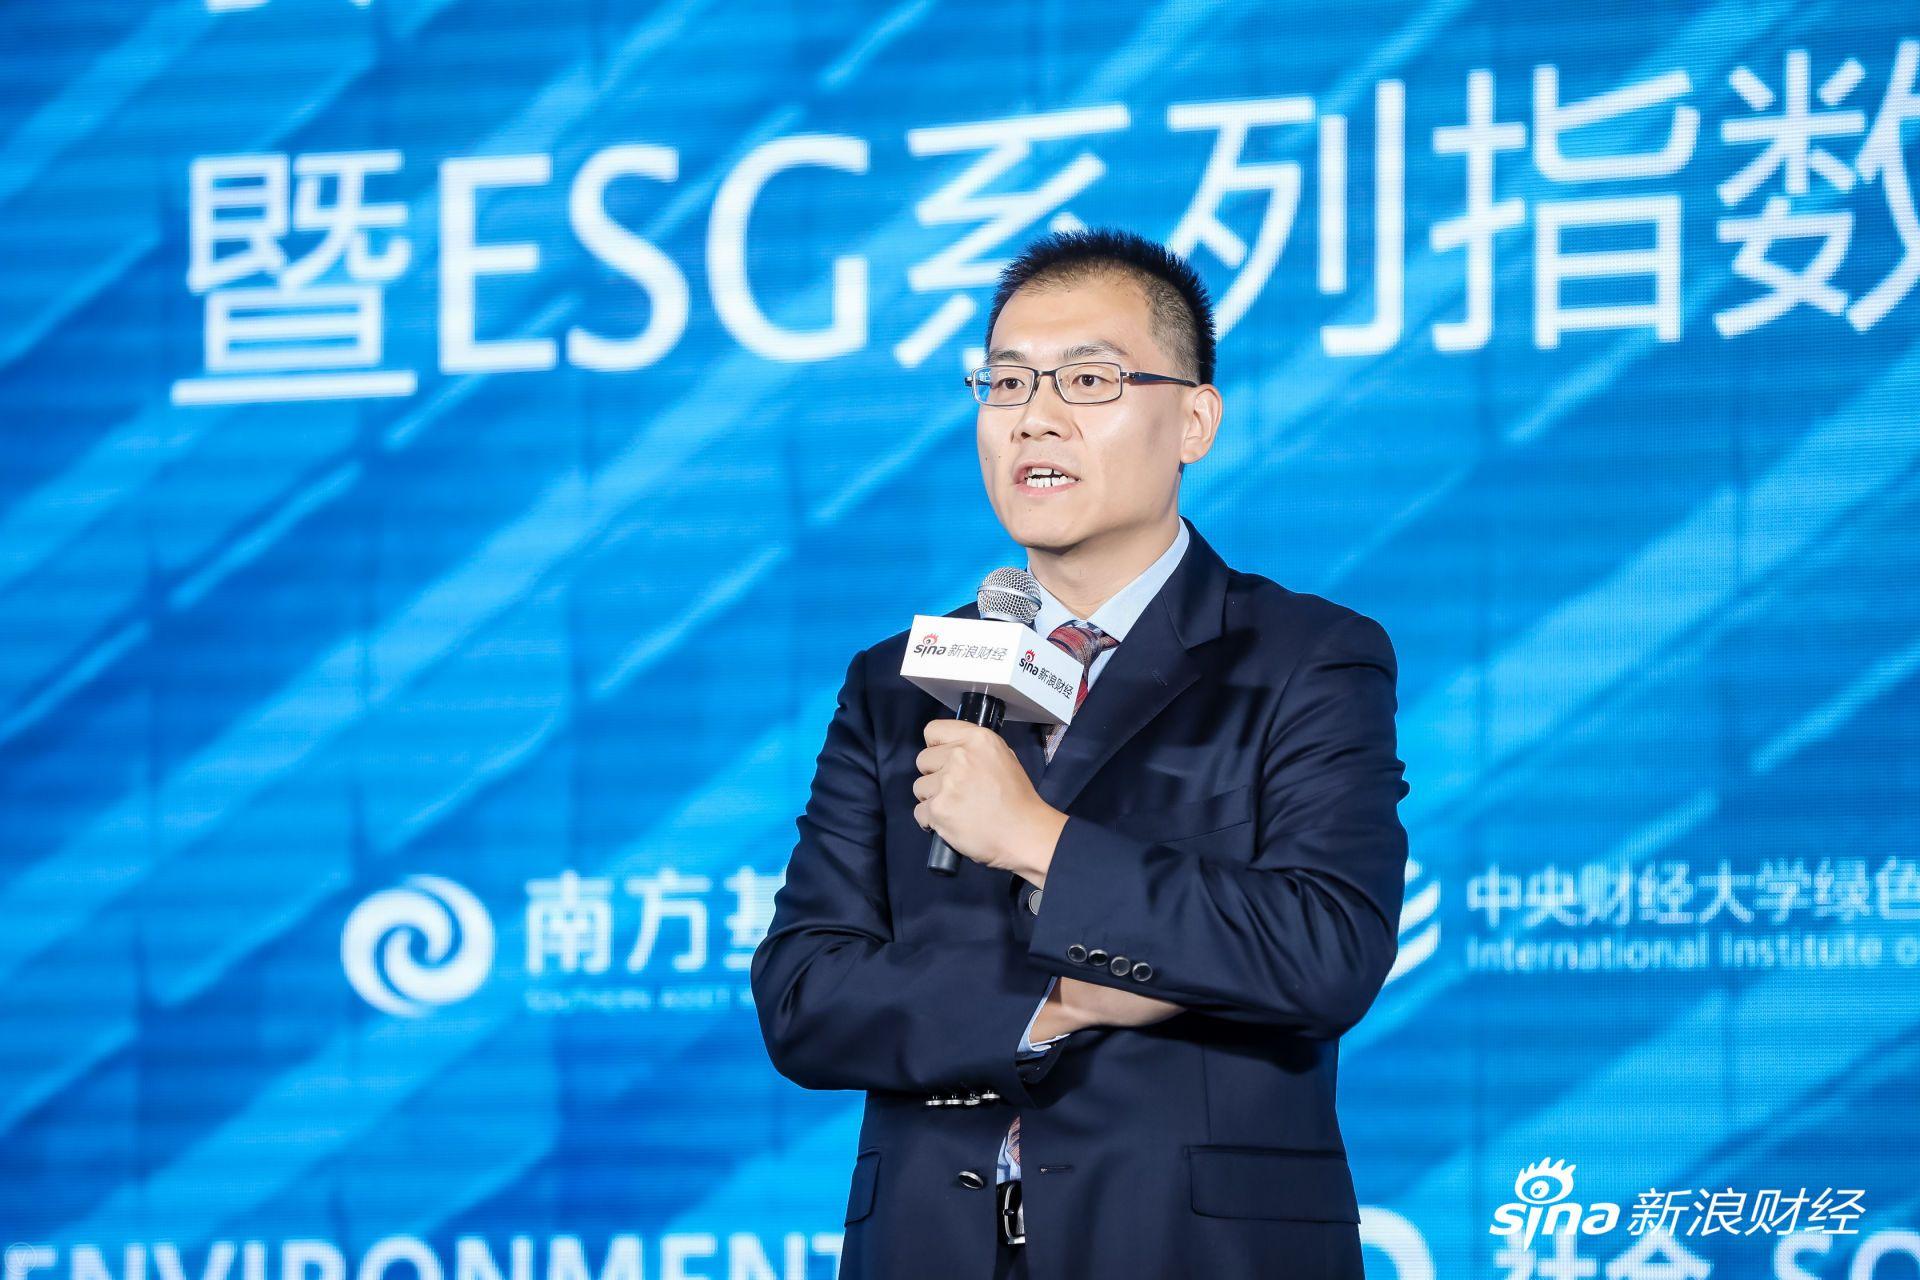 商道融绿董事总经理张睿发表主题演讲。(?#35745;?#26469;源:新浪财经)